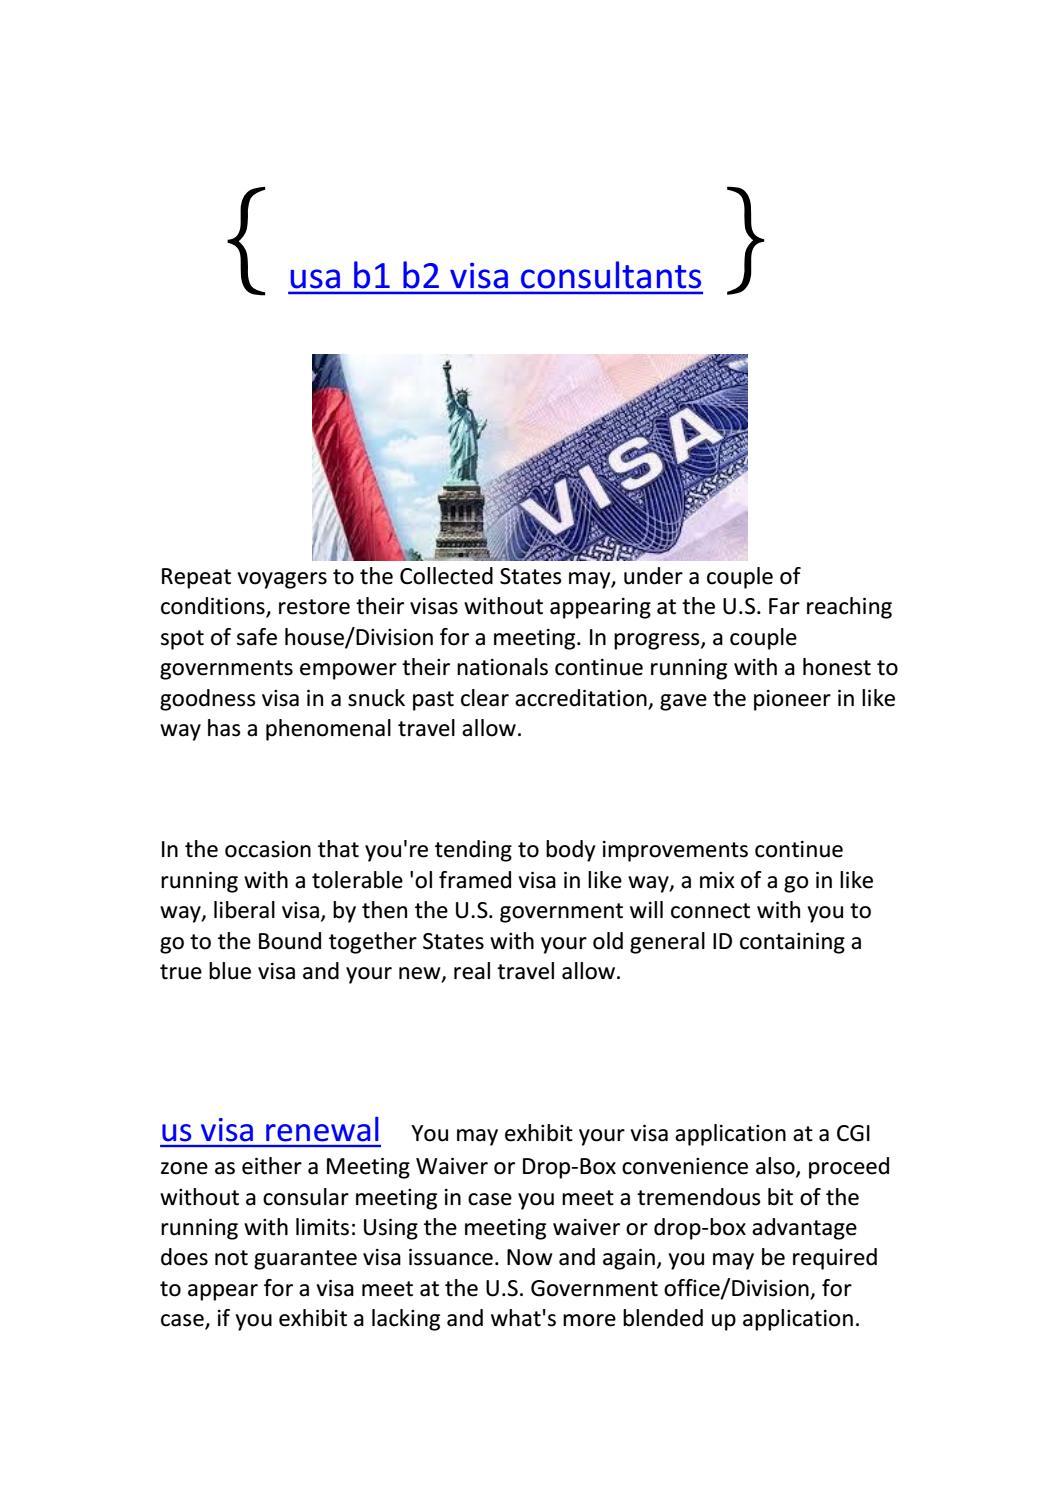 Us Visa Renewal By Mahesh Rashi Issuu